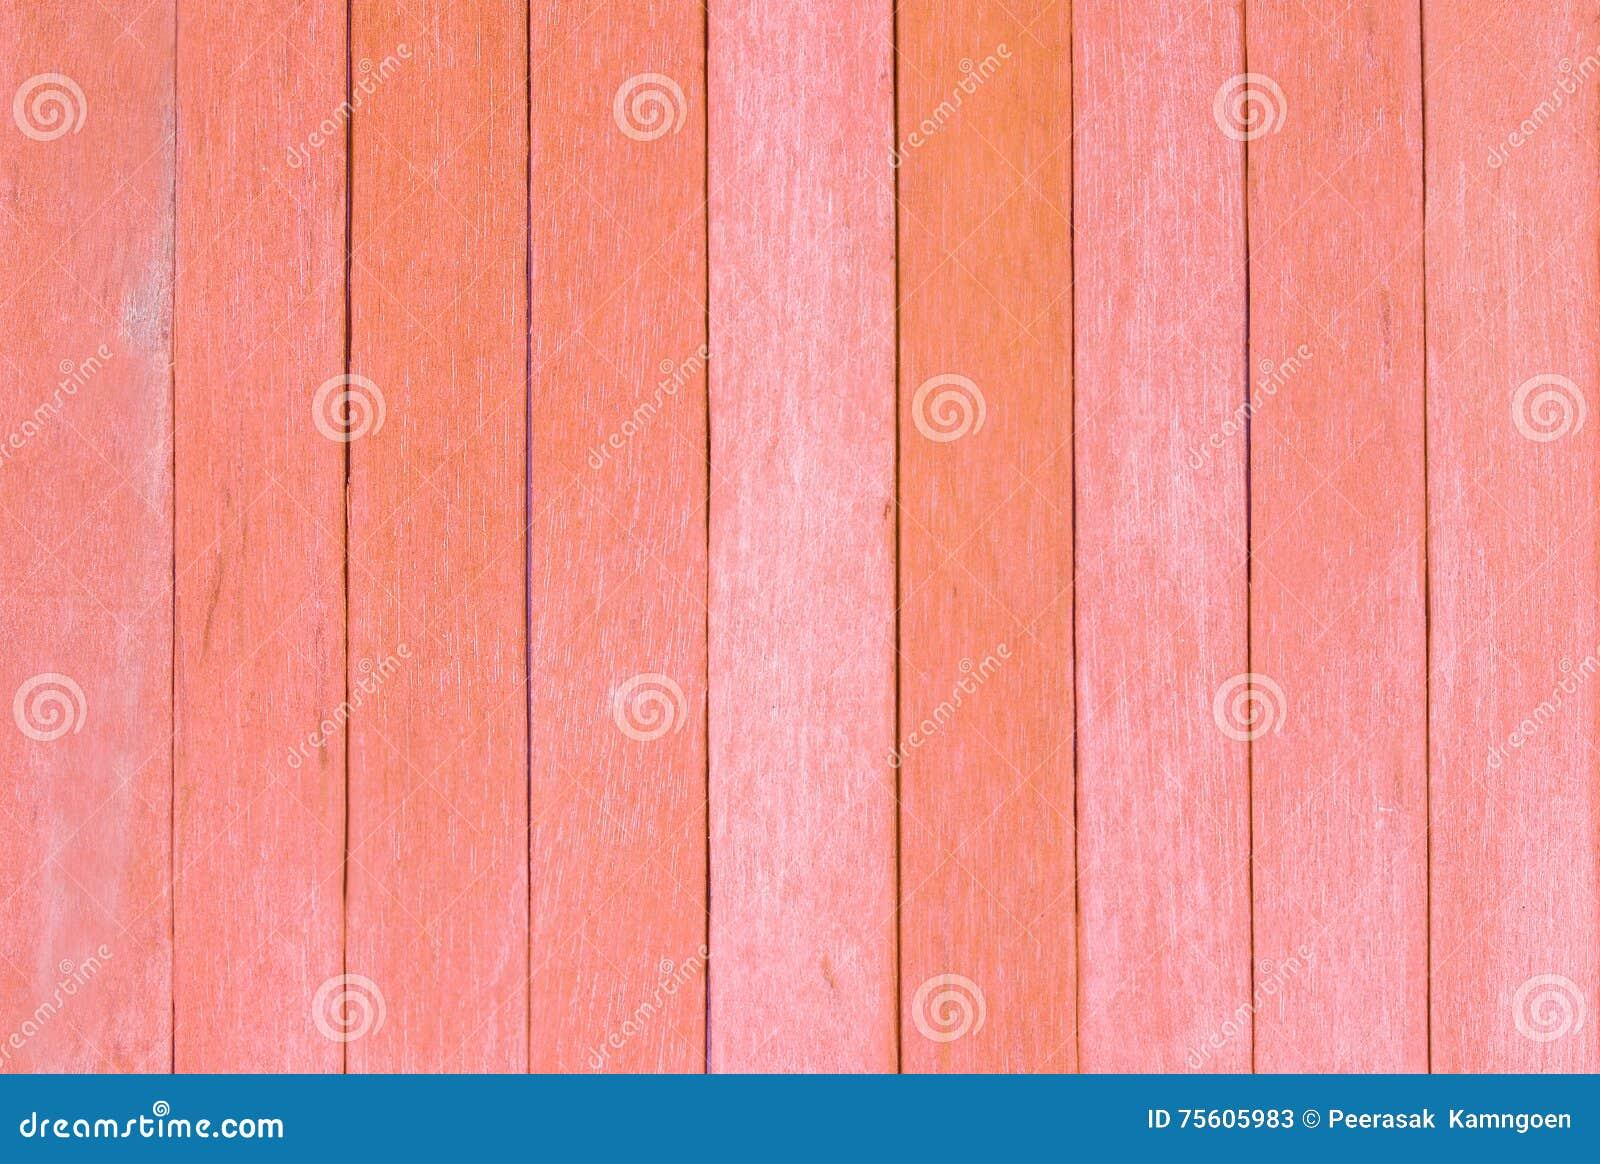 Pareti Colore Arancione : Fondo di legno di struttura della parete colore arancione immagine